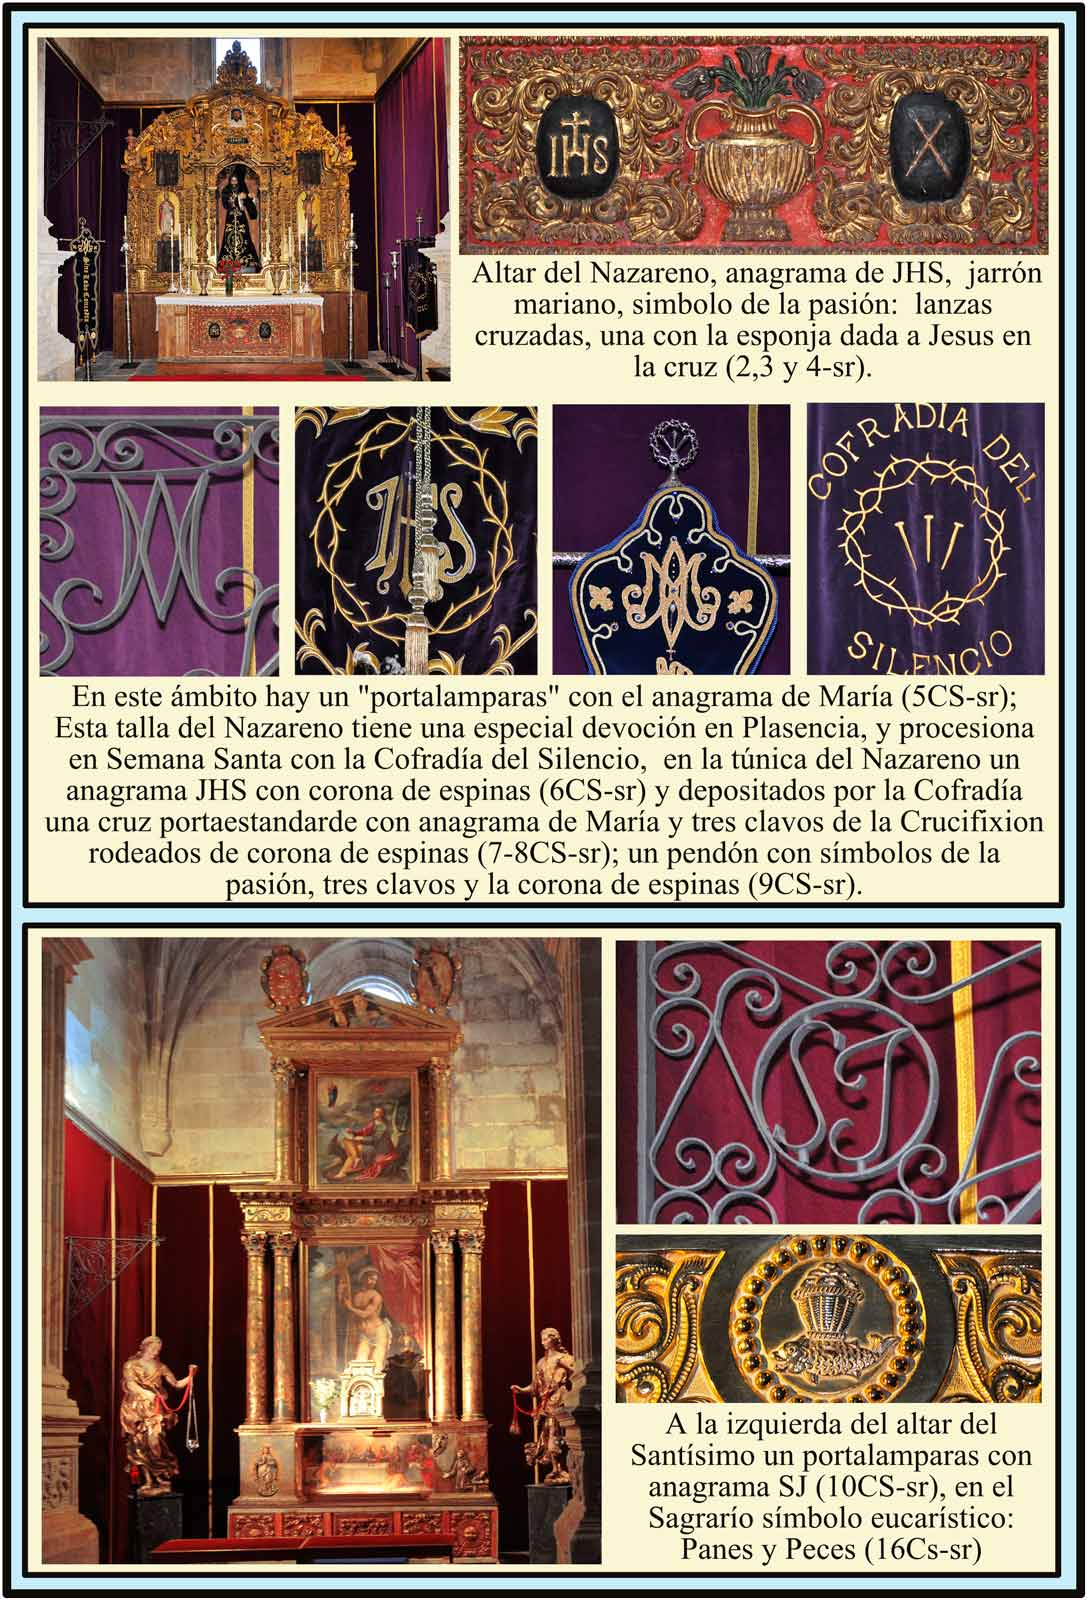 Nazareno con simbolos de la Pasion de la Cofrafía del Silencio